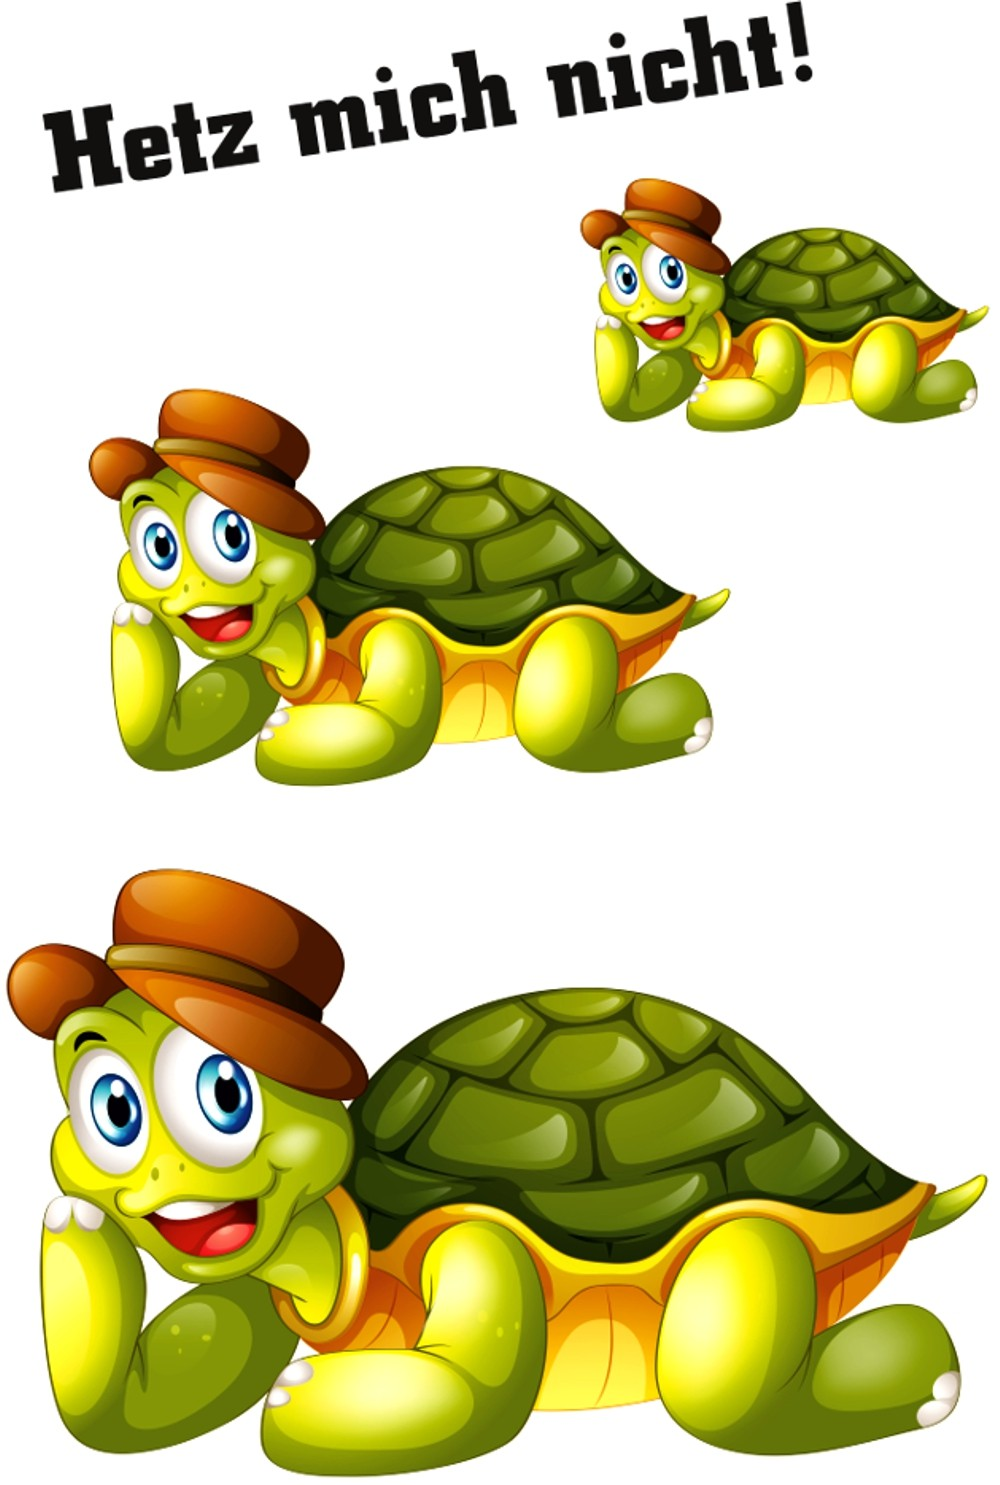 Aufkleber Schildkröten Hetz mich nicht! 3 Stück